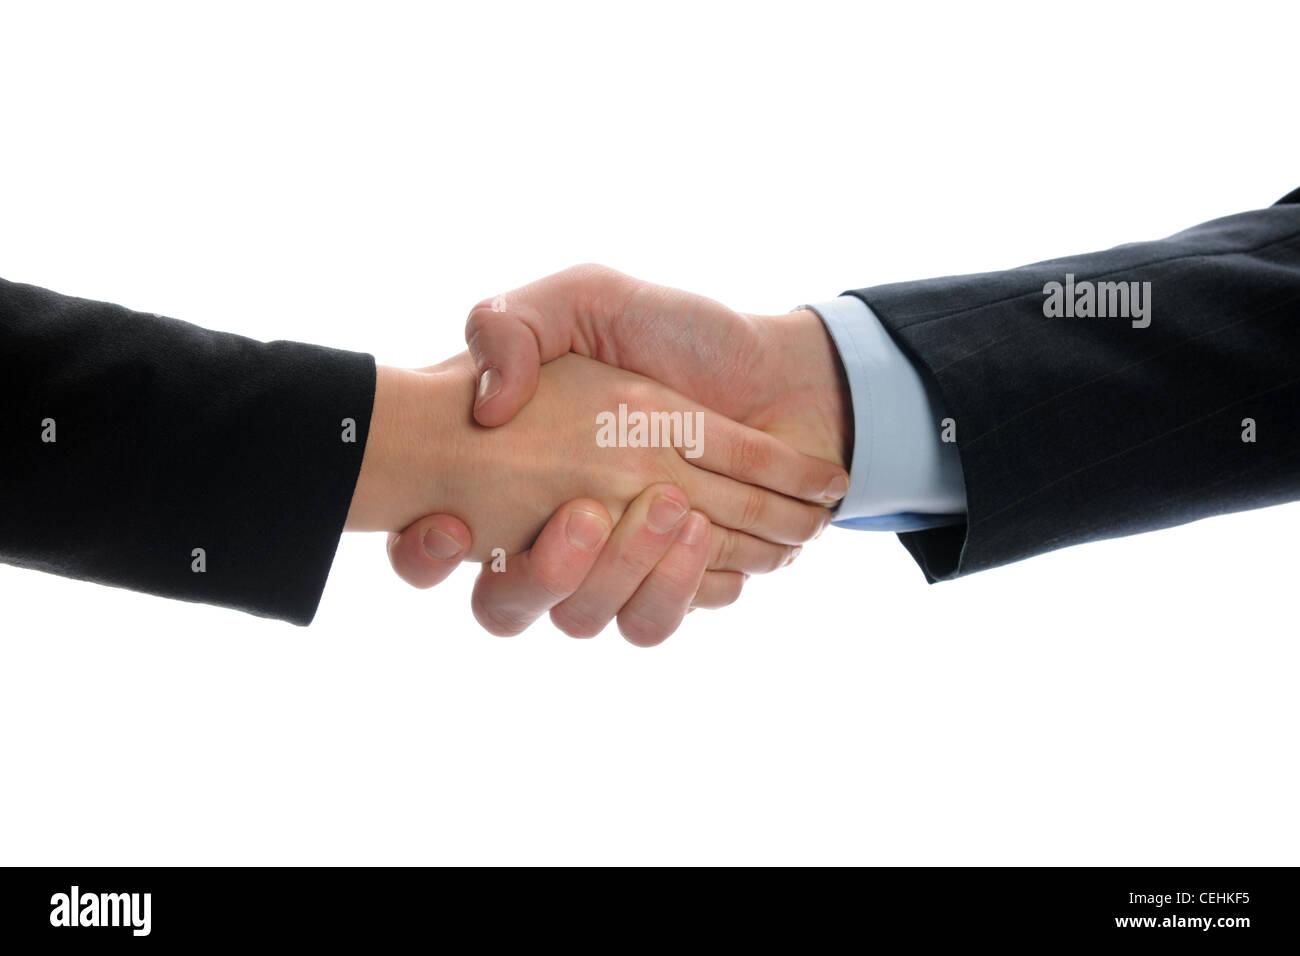 Imprenditrice e imprenditore handshake. Close-up. Isolato su bianco Immagini Stock